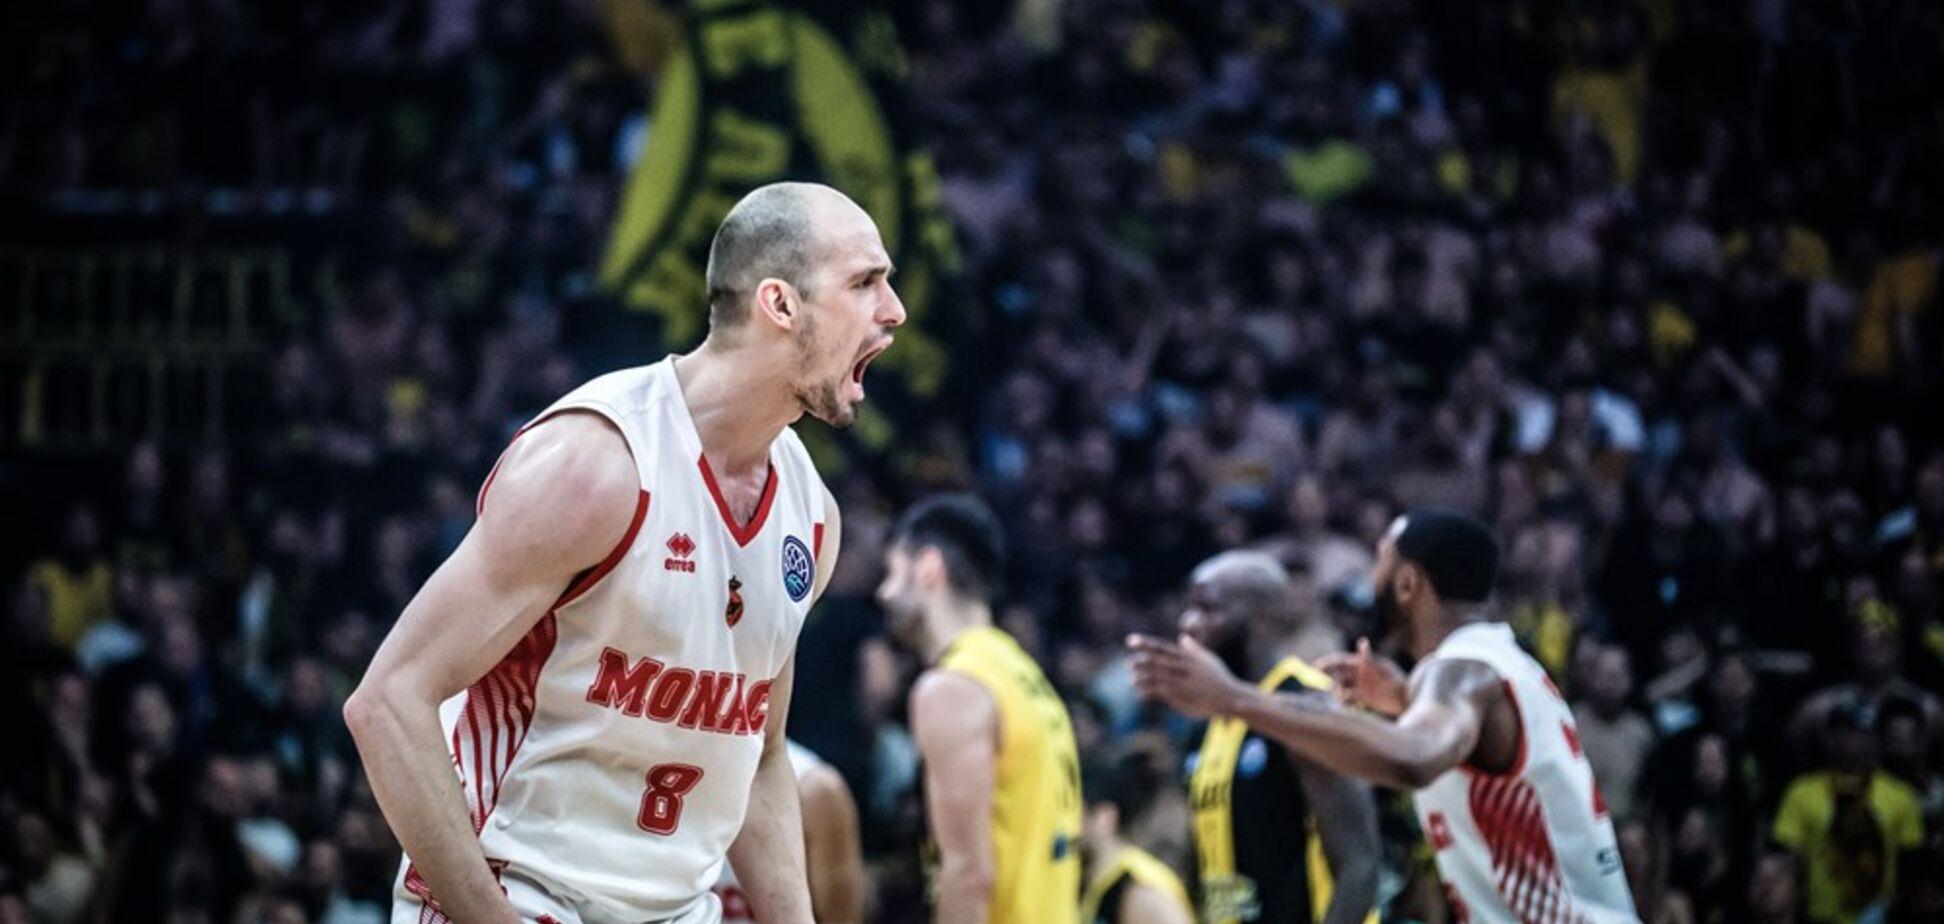 'Неймовірний!' ФІБА захопилася грою баскетболіста збірної України у фіналі Ліги чемпіонів